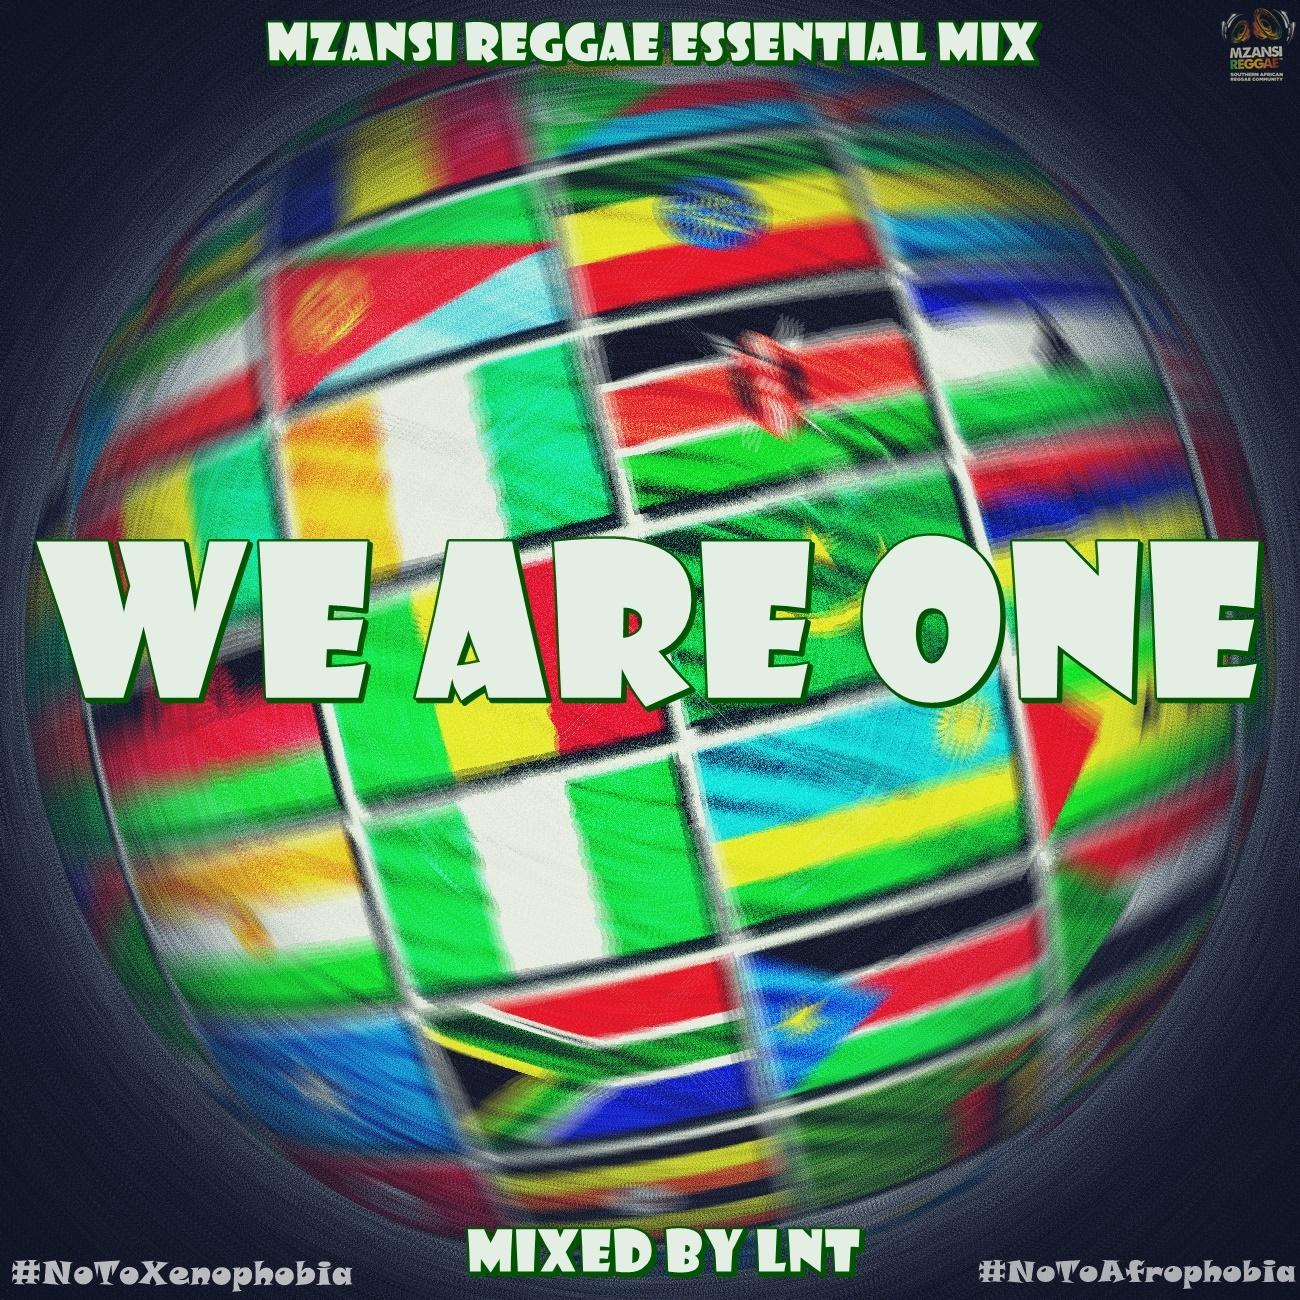 Mzansi Reggae Mix - We Are One